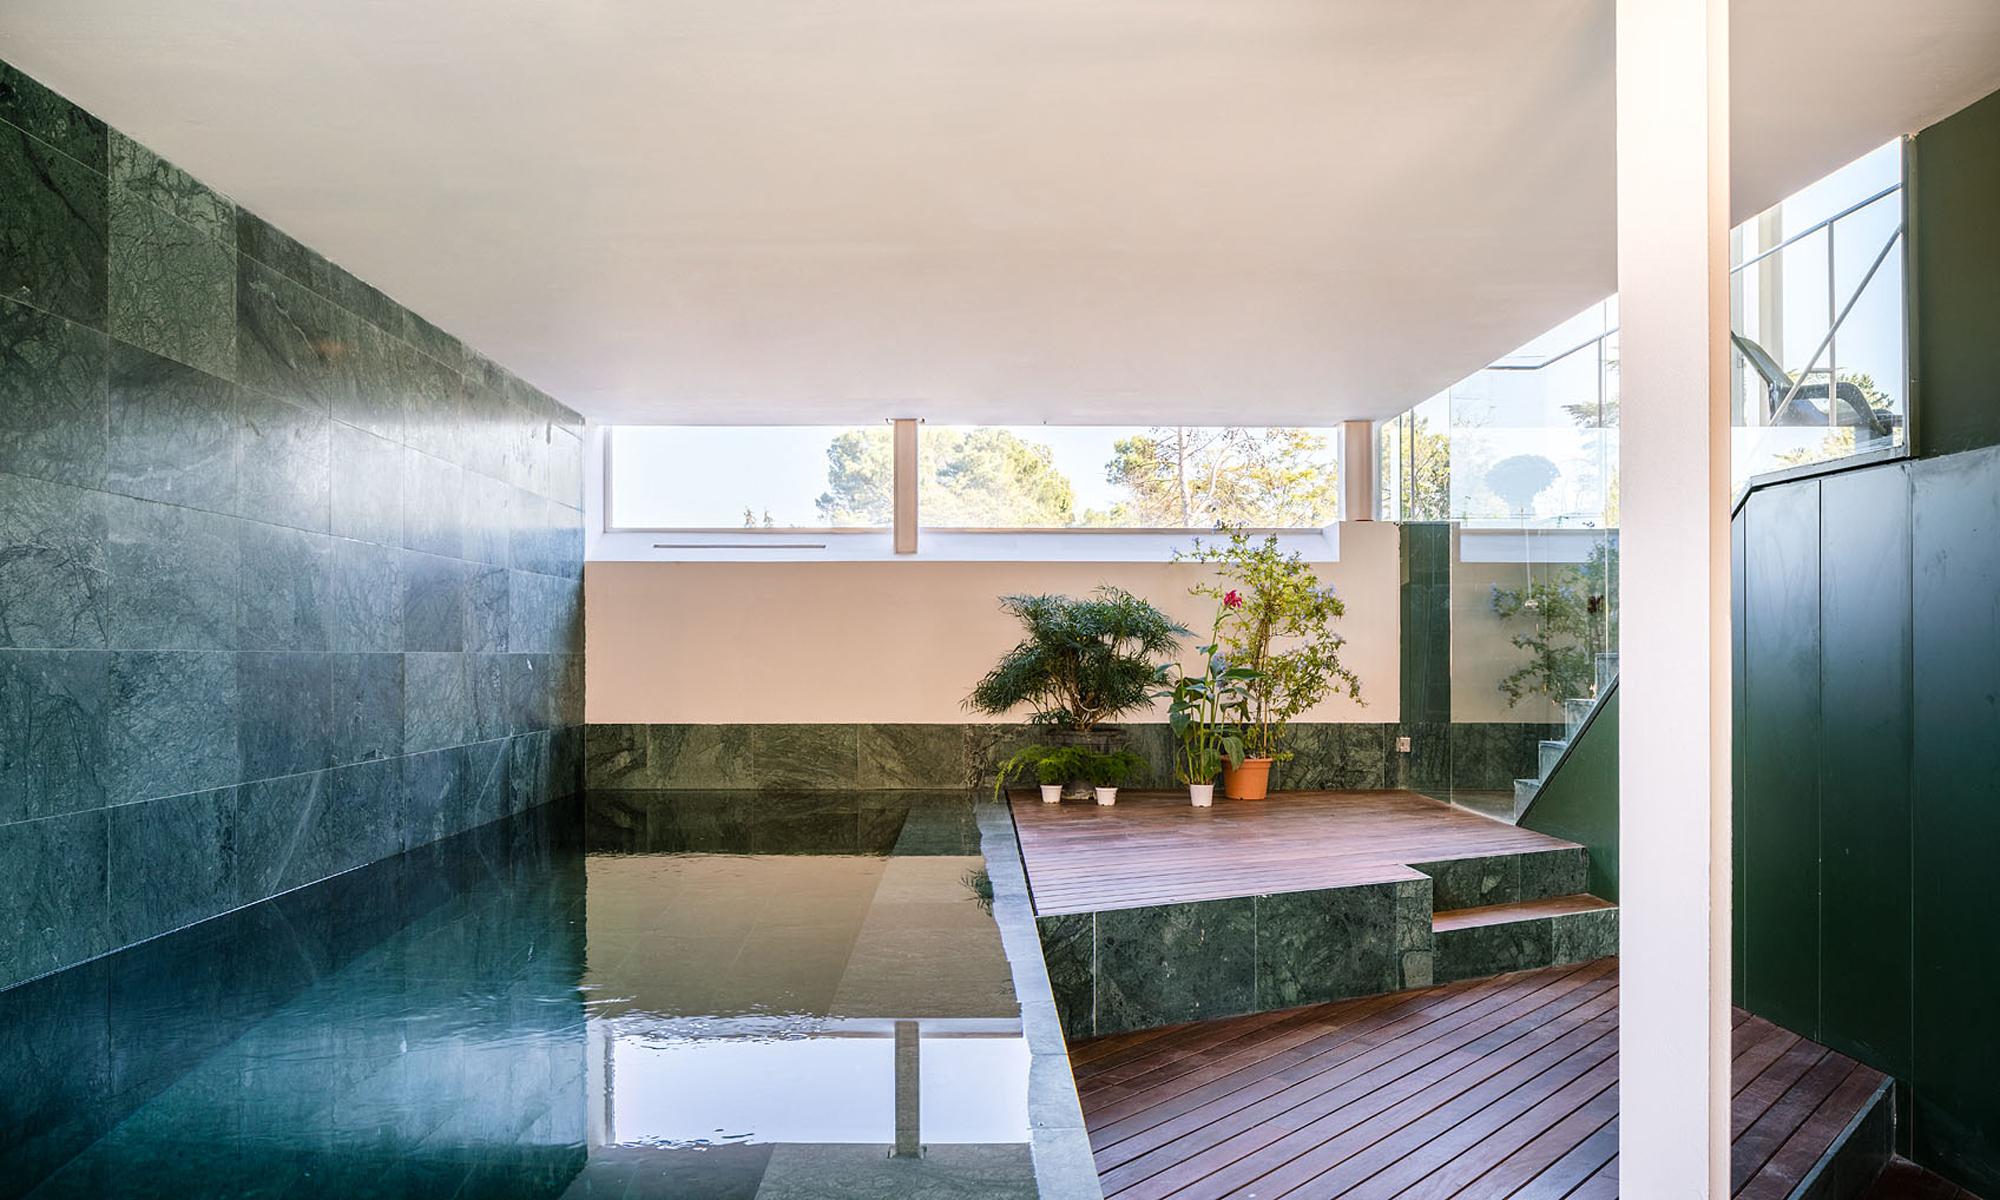 Verkleidungen aus schwarzem und grünem Marmor betonen die Übergänge von einer Ebene zur anderen. Auch der Indoor-Pool wird auf geschickte Weise in die Raumspirale eingebunden.